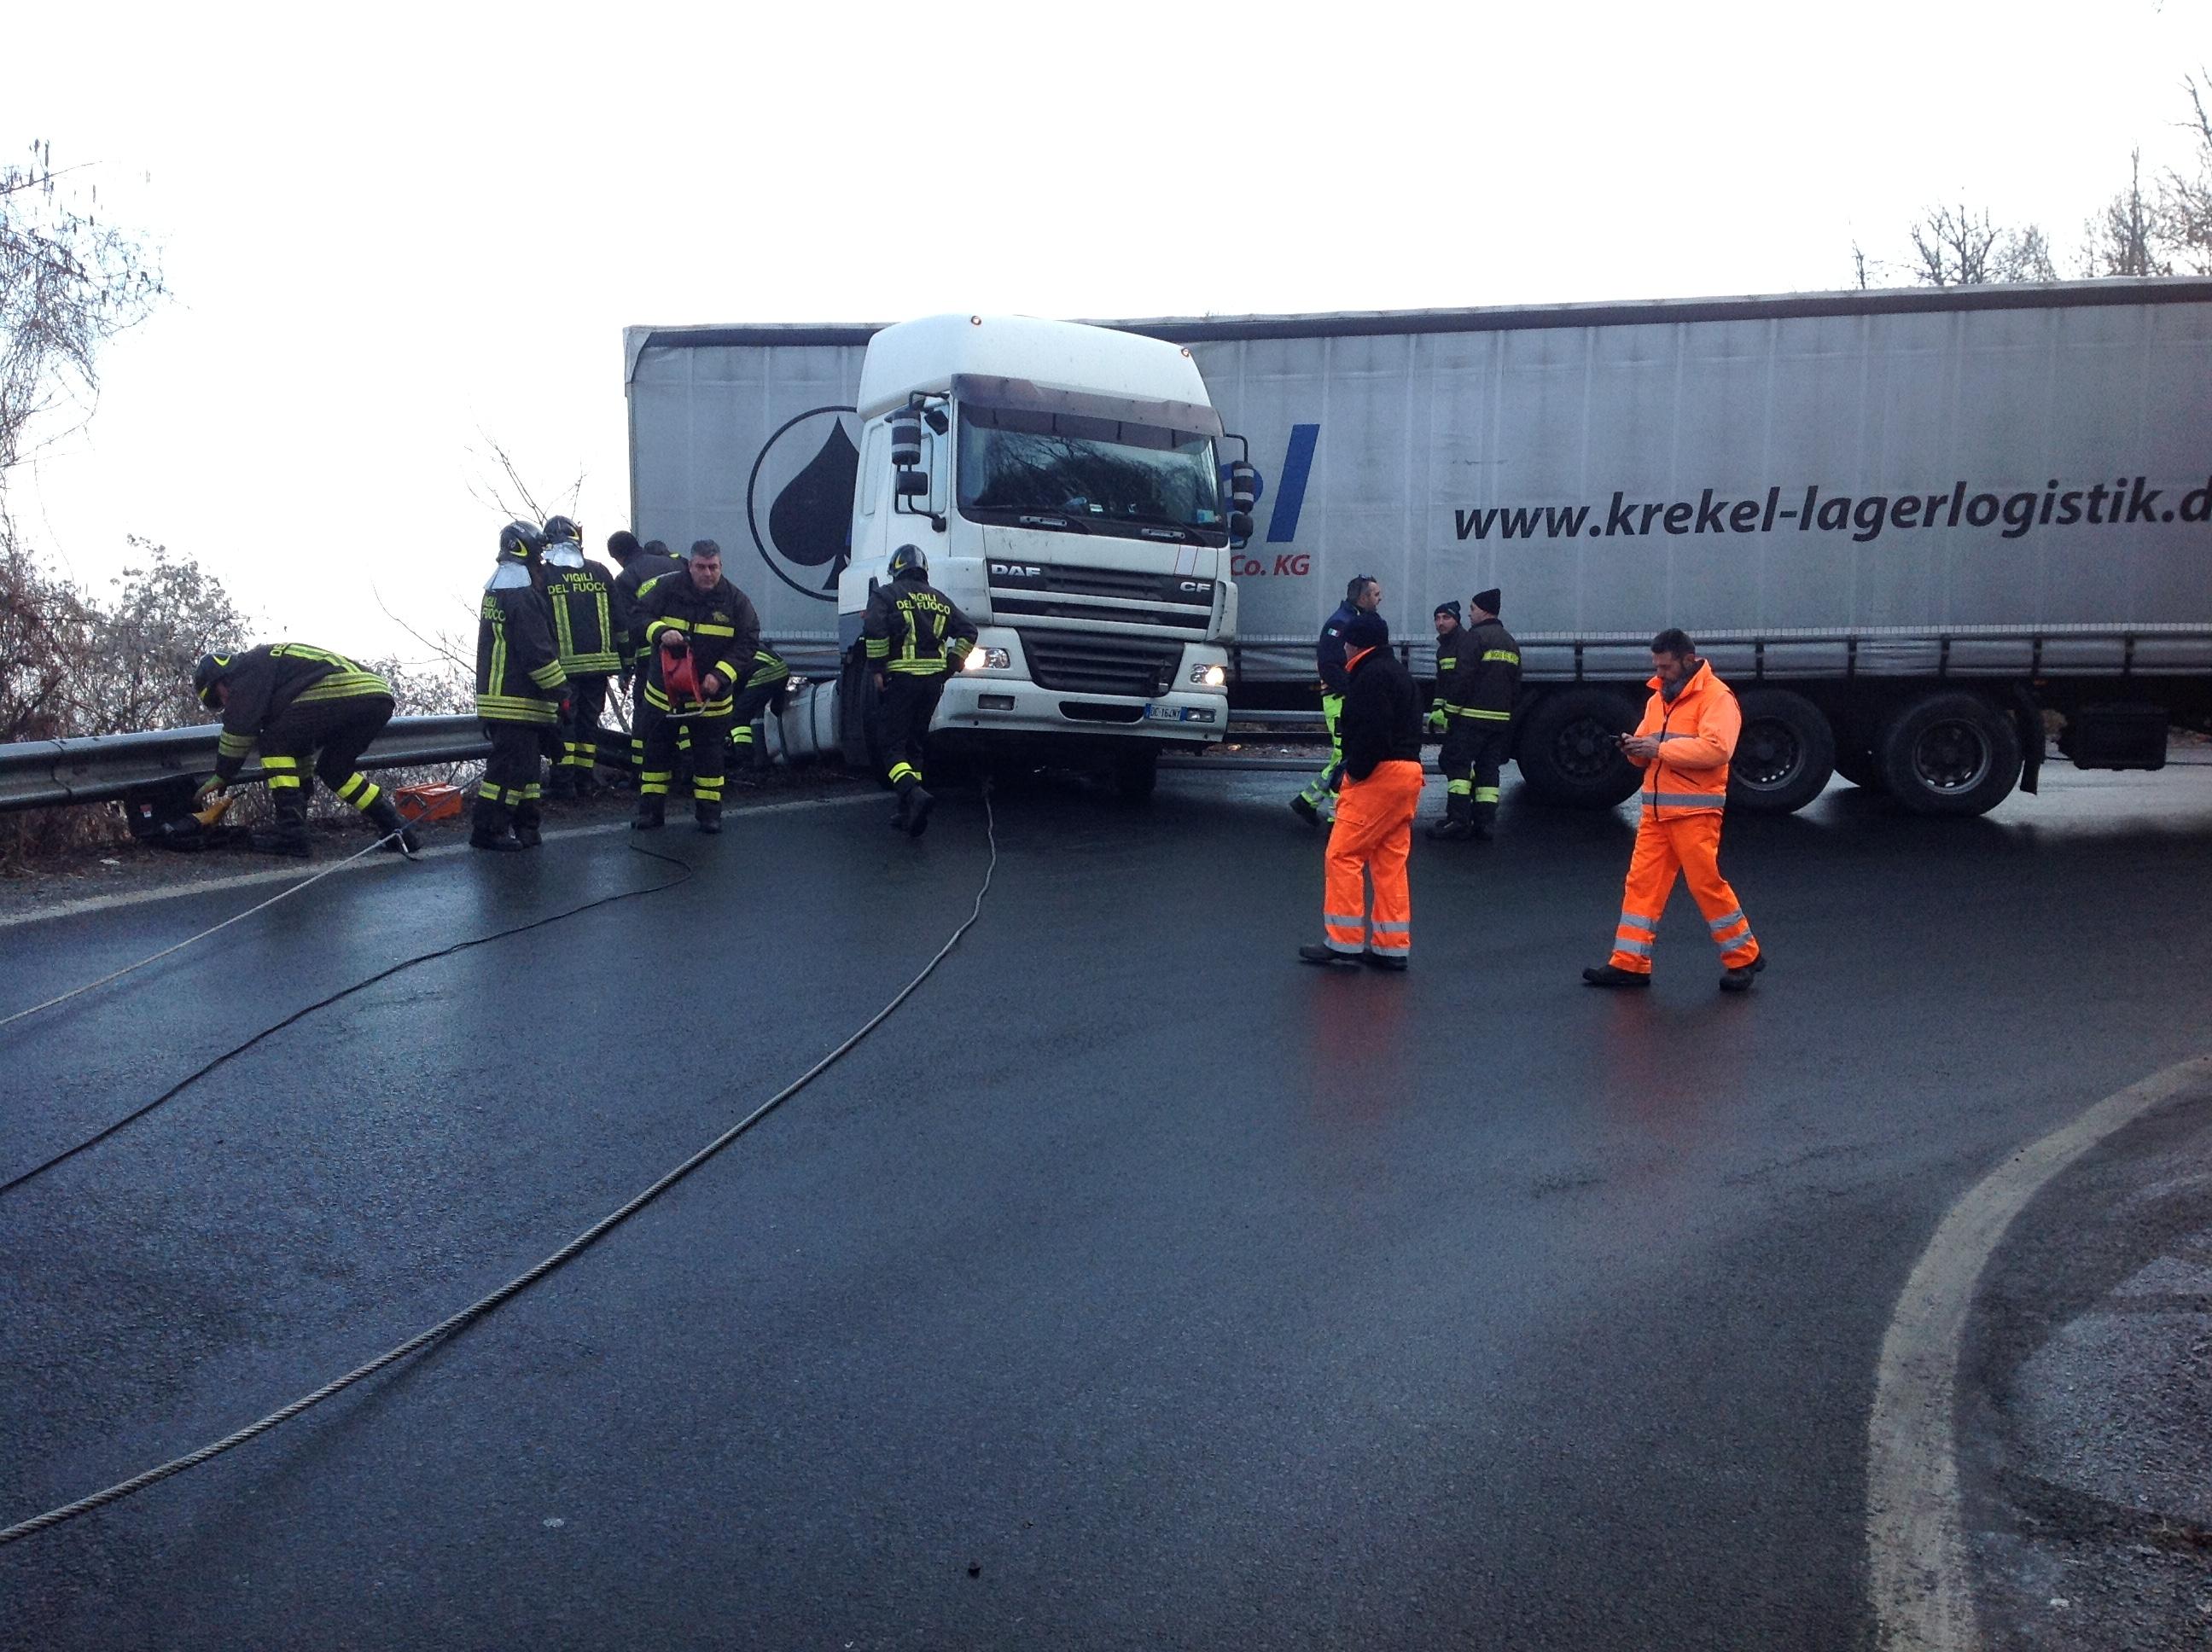 FRONT CANAVESE - Camion fuori strada rischia di precipitare nella scarpata - FOTO e VIDEO